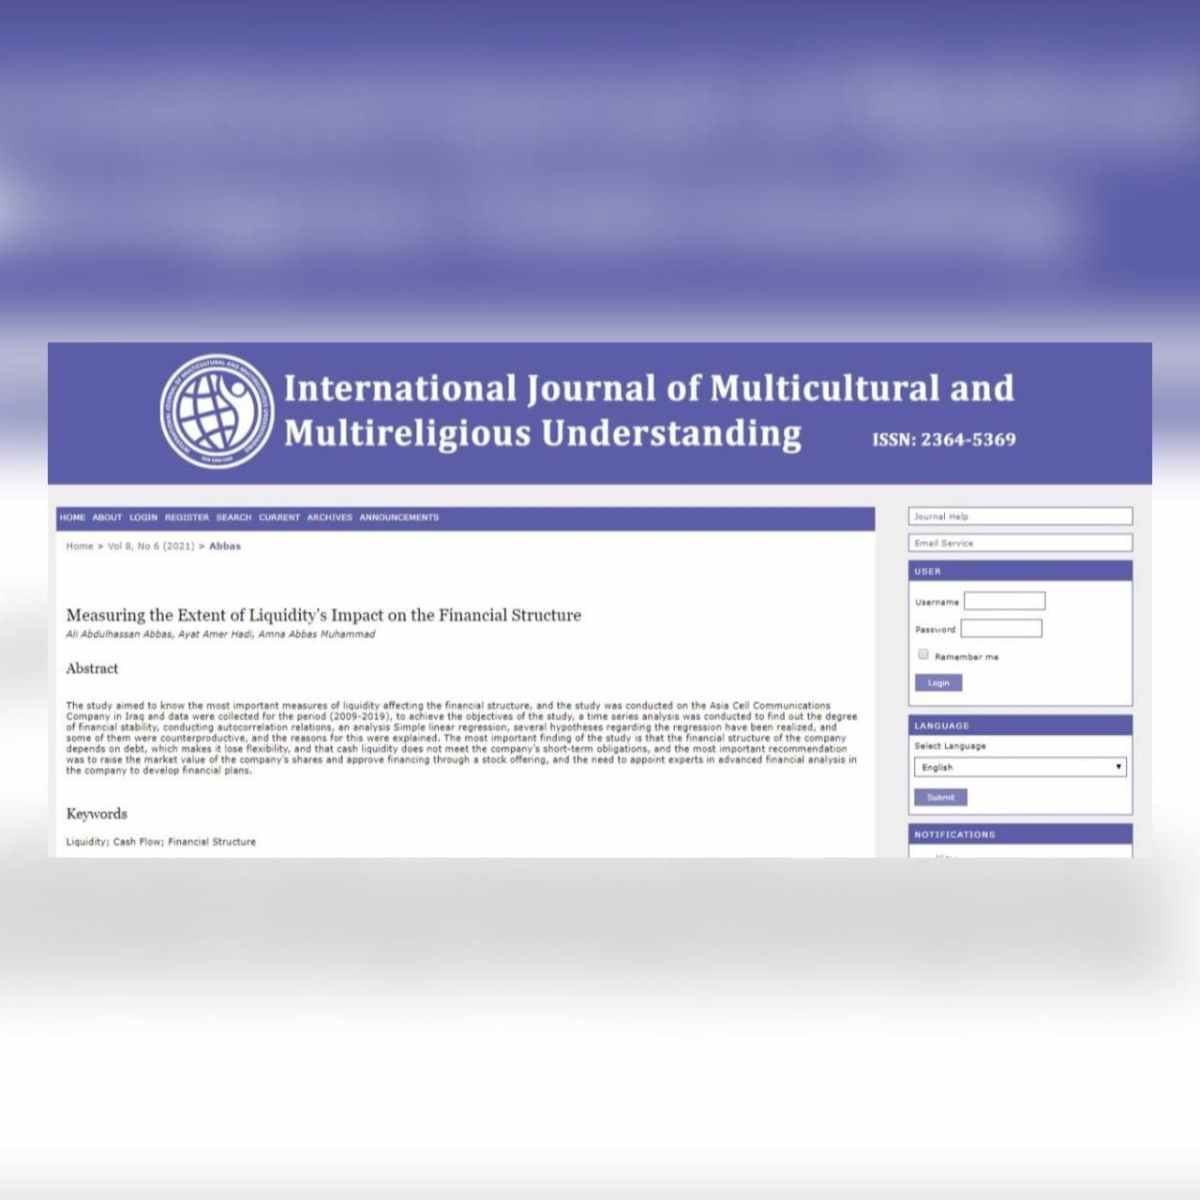 فريق بحثي من جامعة كربلاء ينشر بحثاً علمياً ضمن مستوعب Scopus حول قياس مدى تأثير السيولة في الهيكل المالي